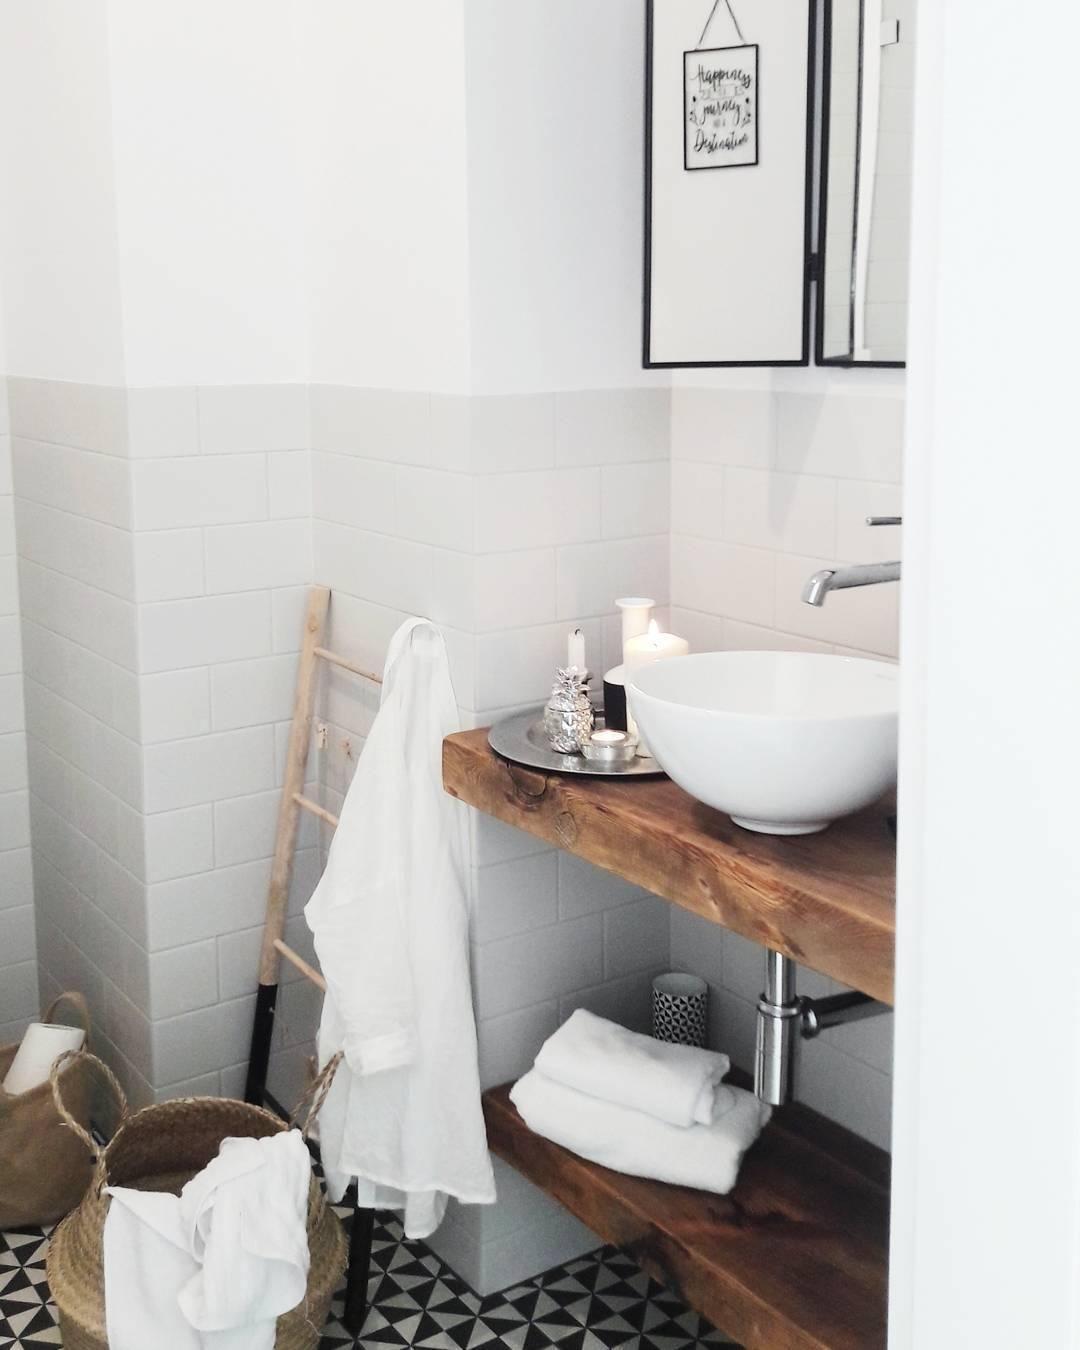 Auch im Badezimmer dürfen stylische Wohnaccessoires nicht fehlen